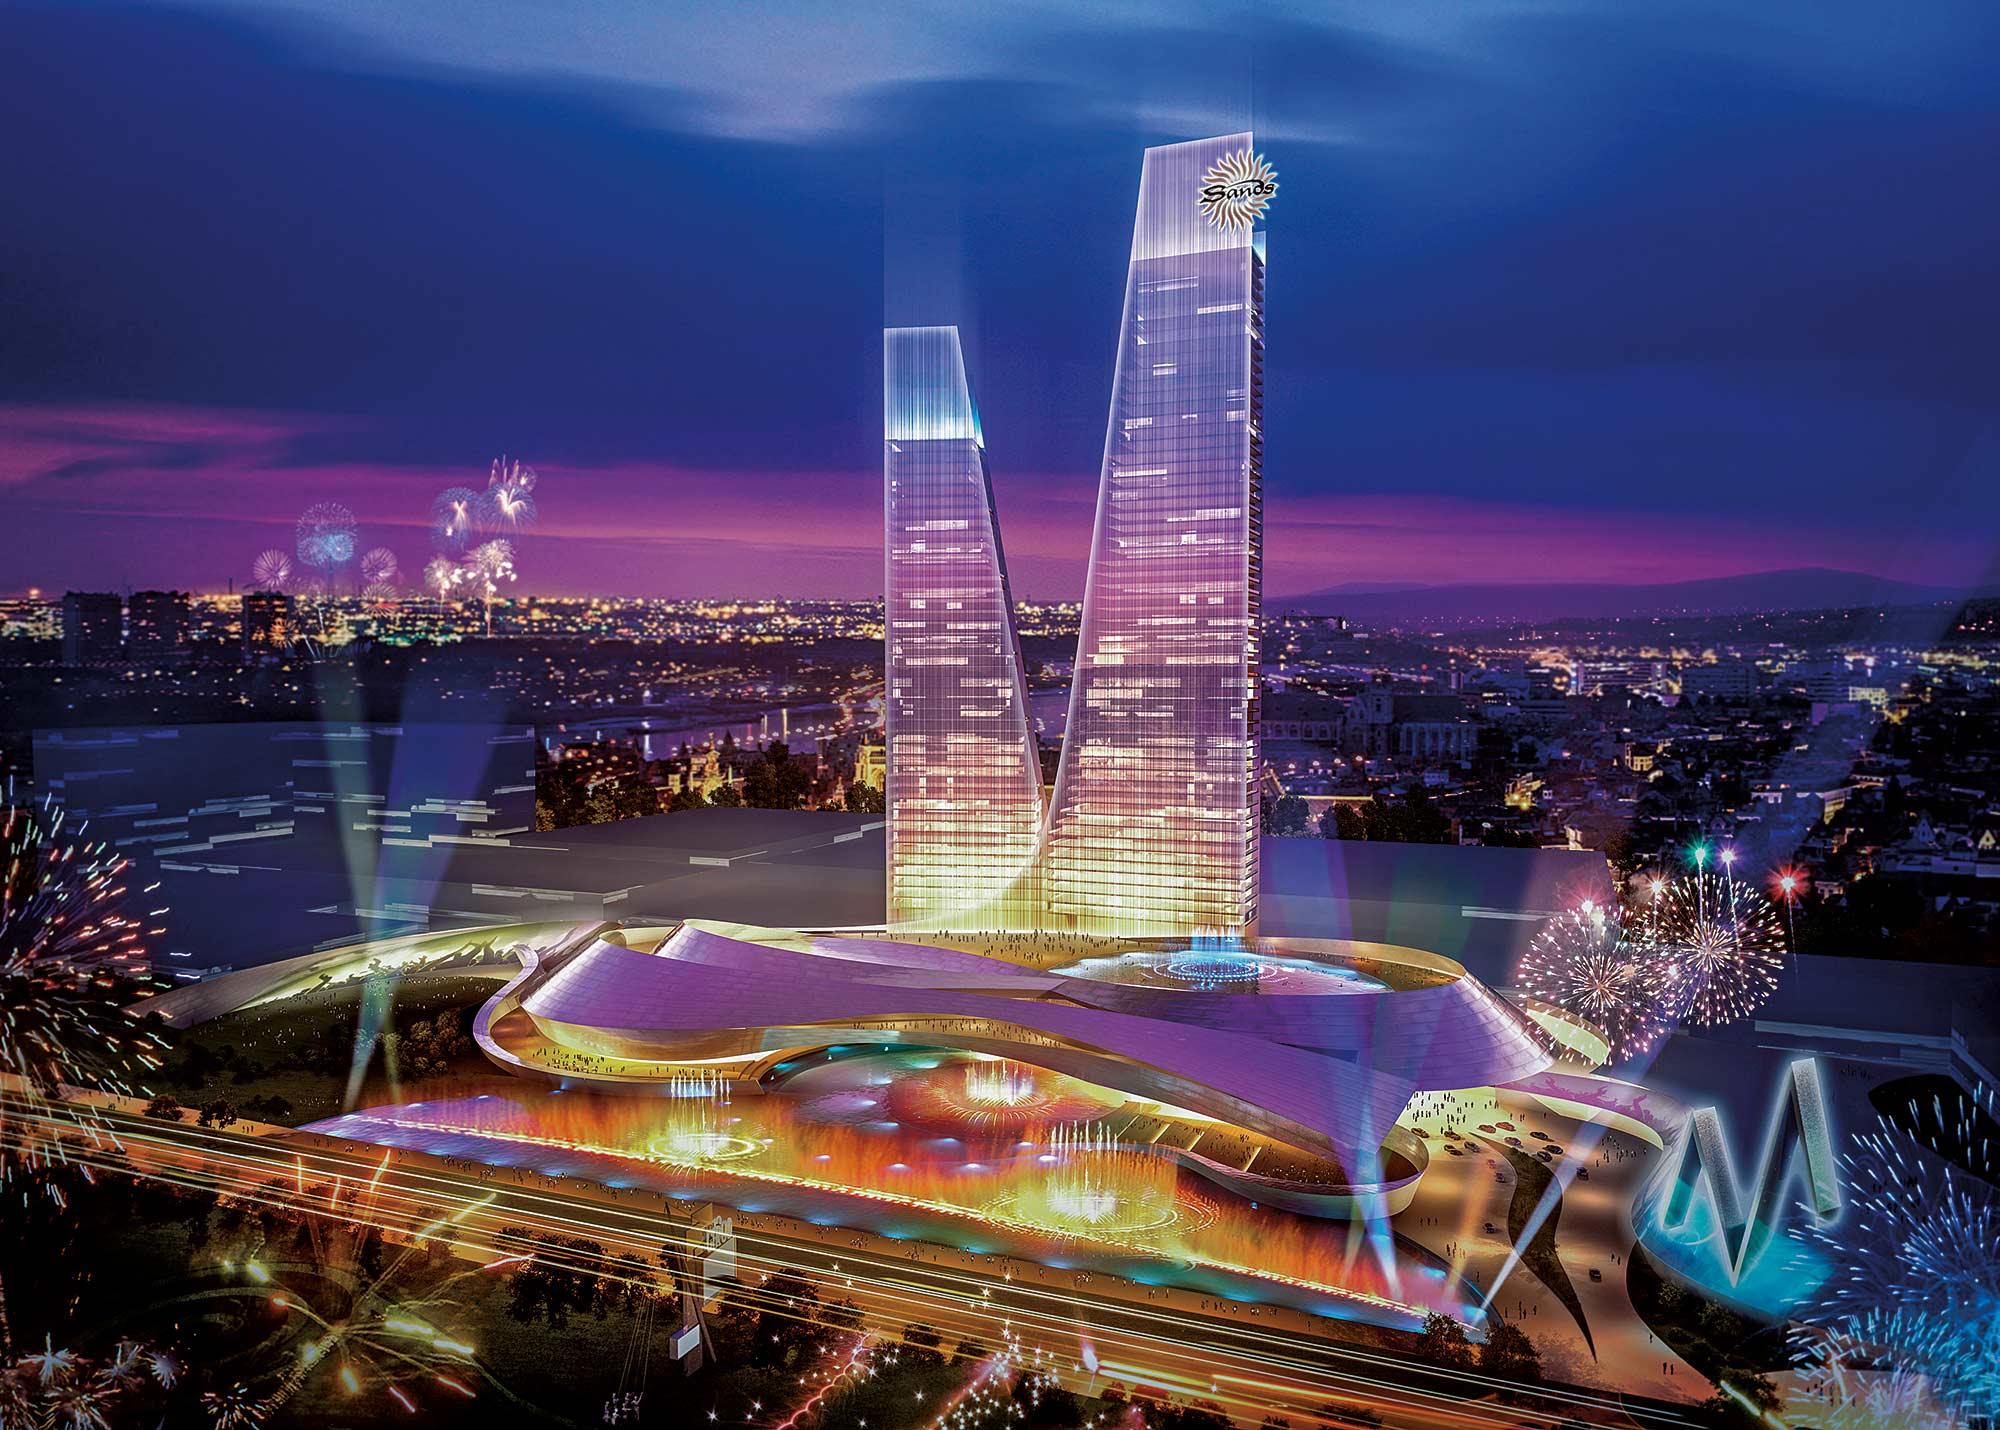 Futuri Casino